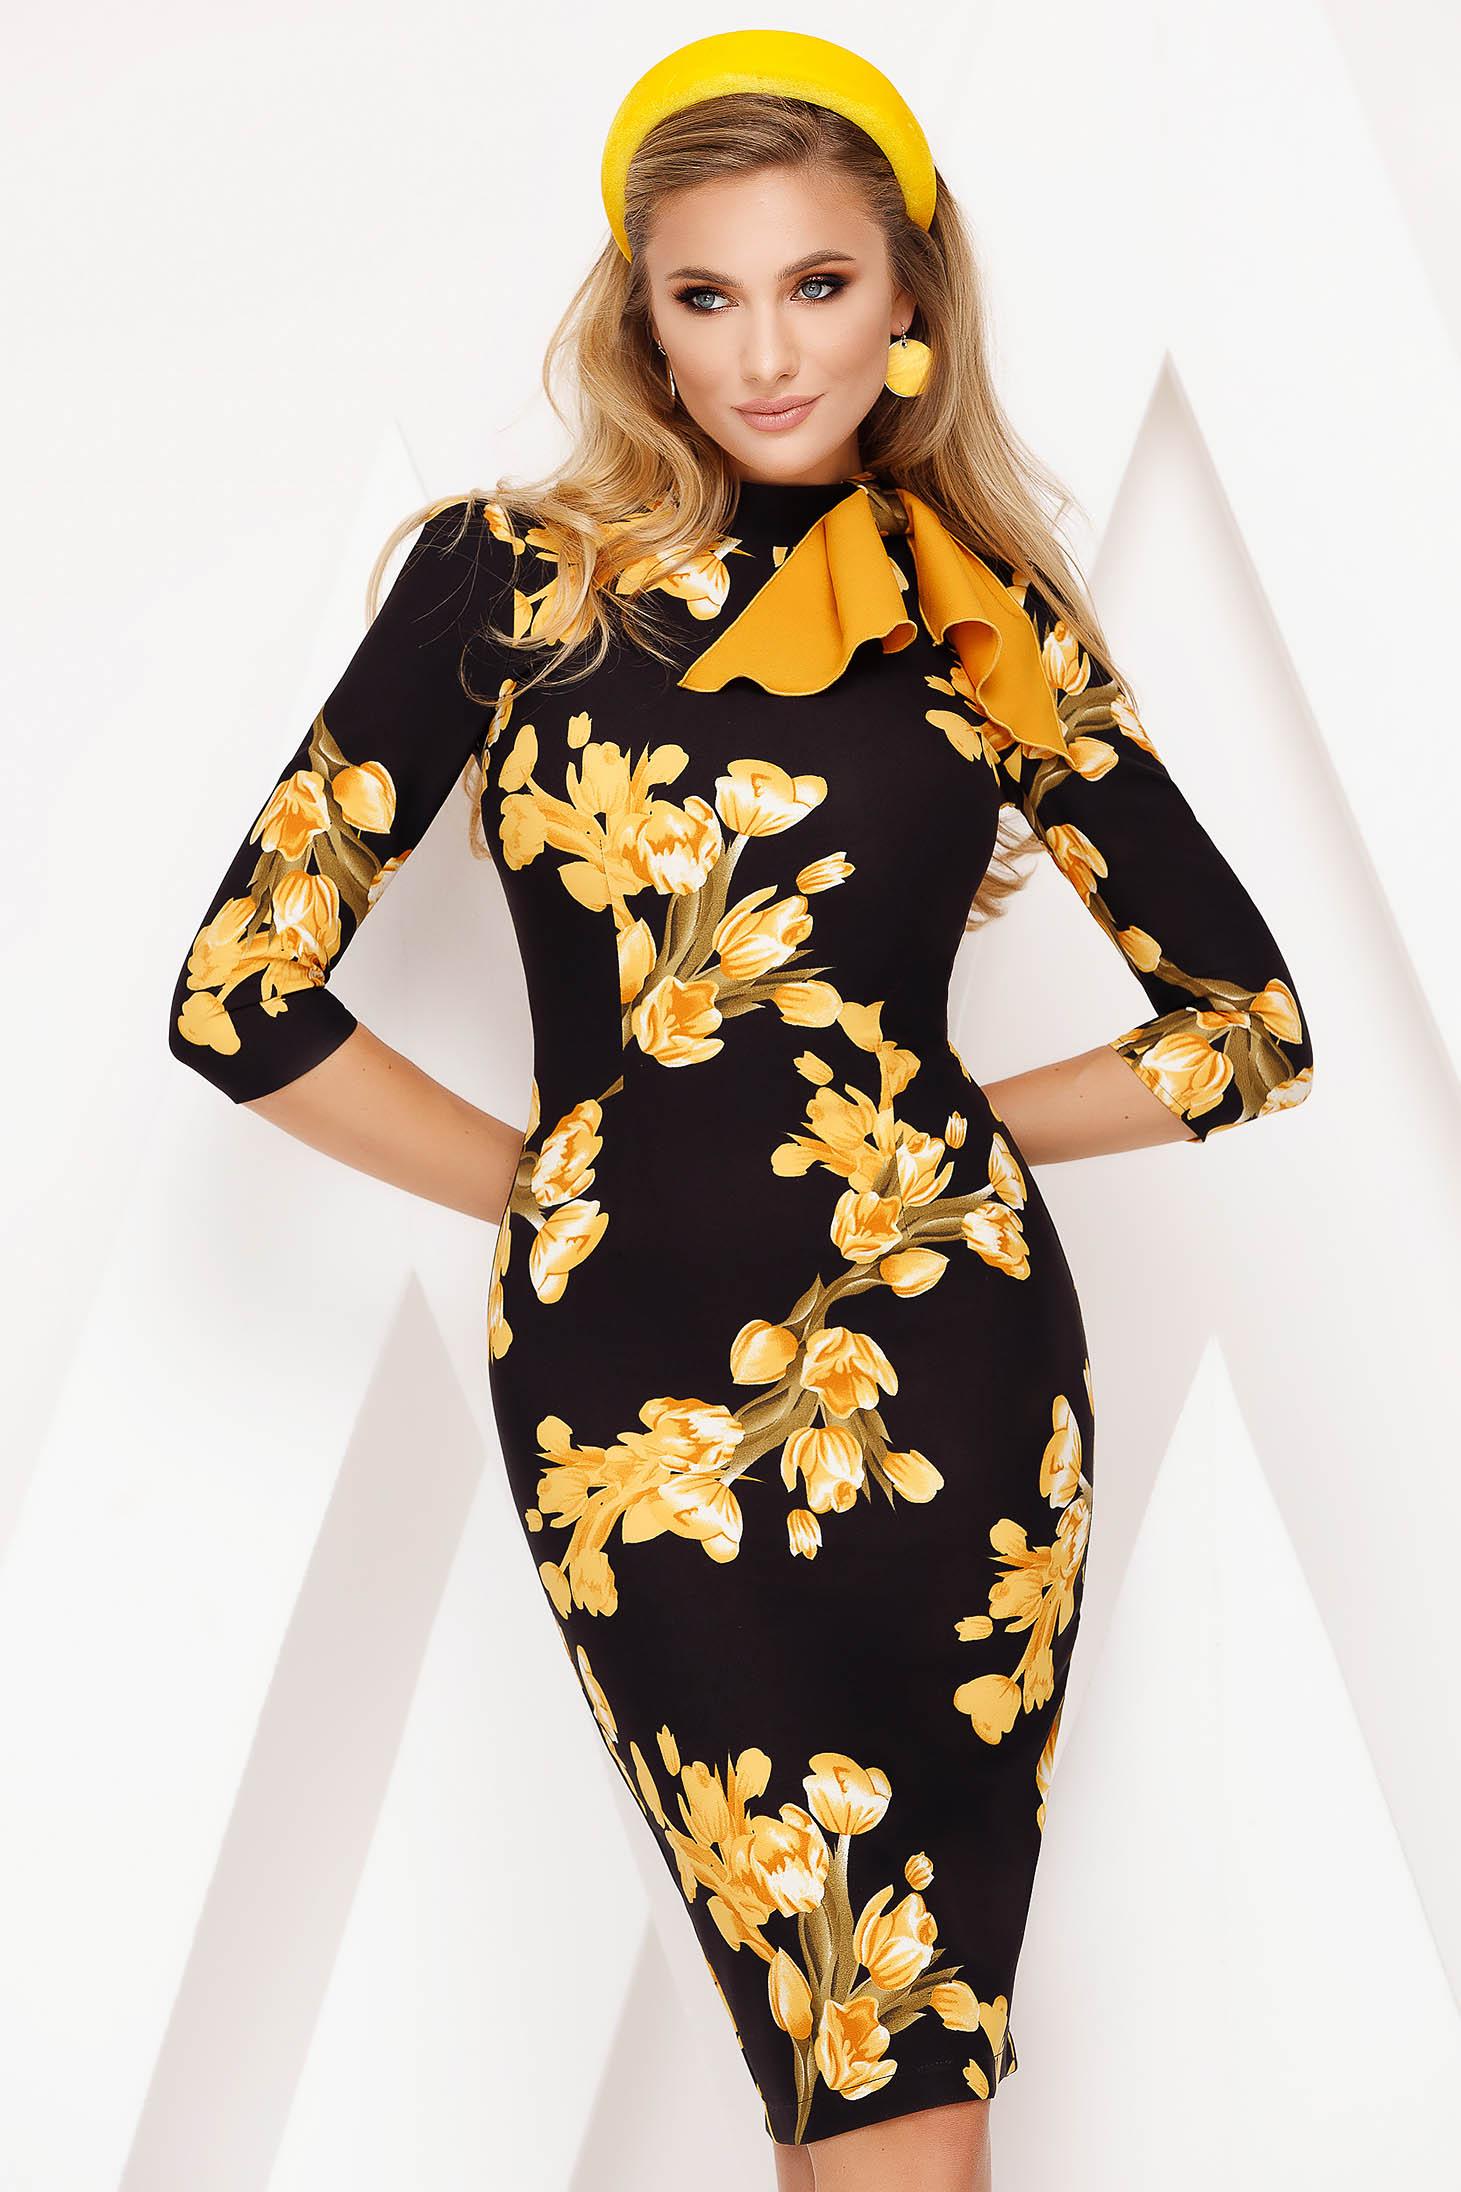 Rochie Fofy galbena eleganta tip creion din stofa usor elastica cu imprimeu floral